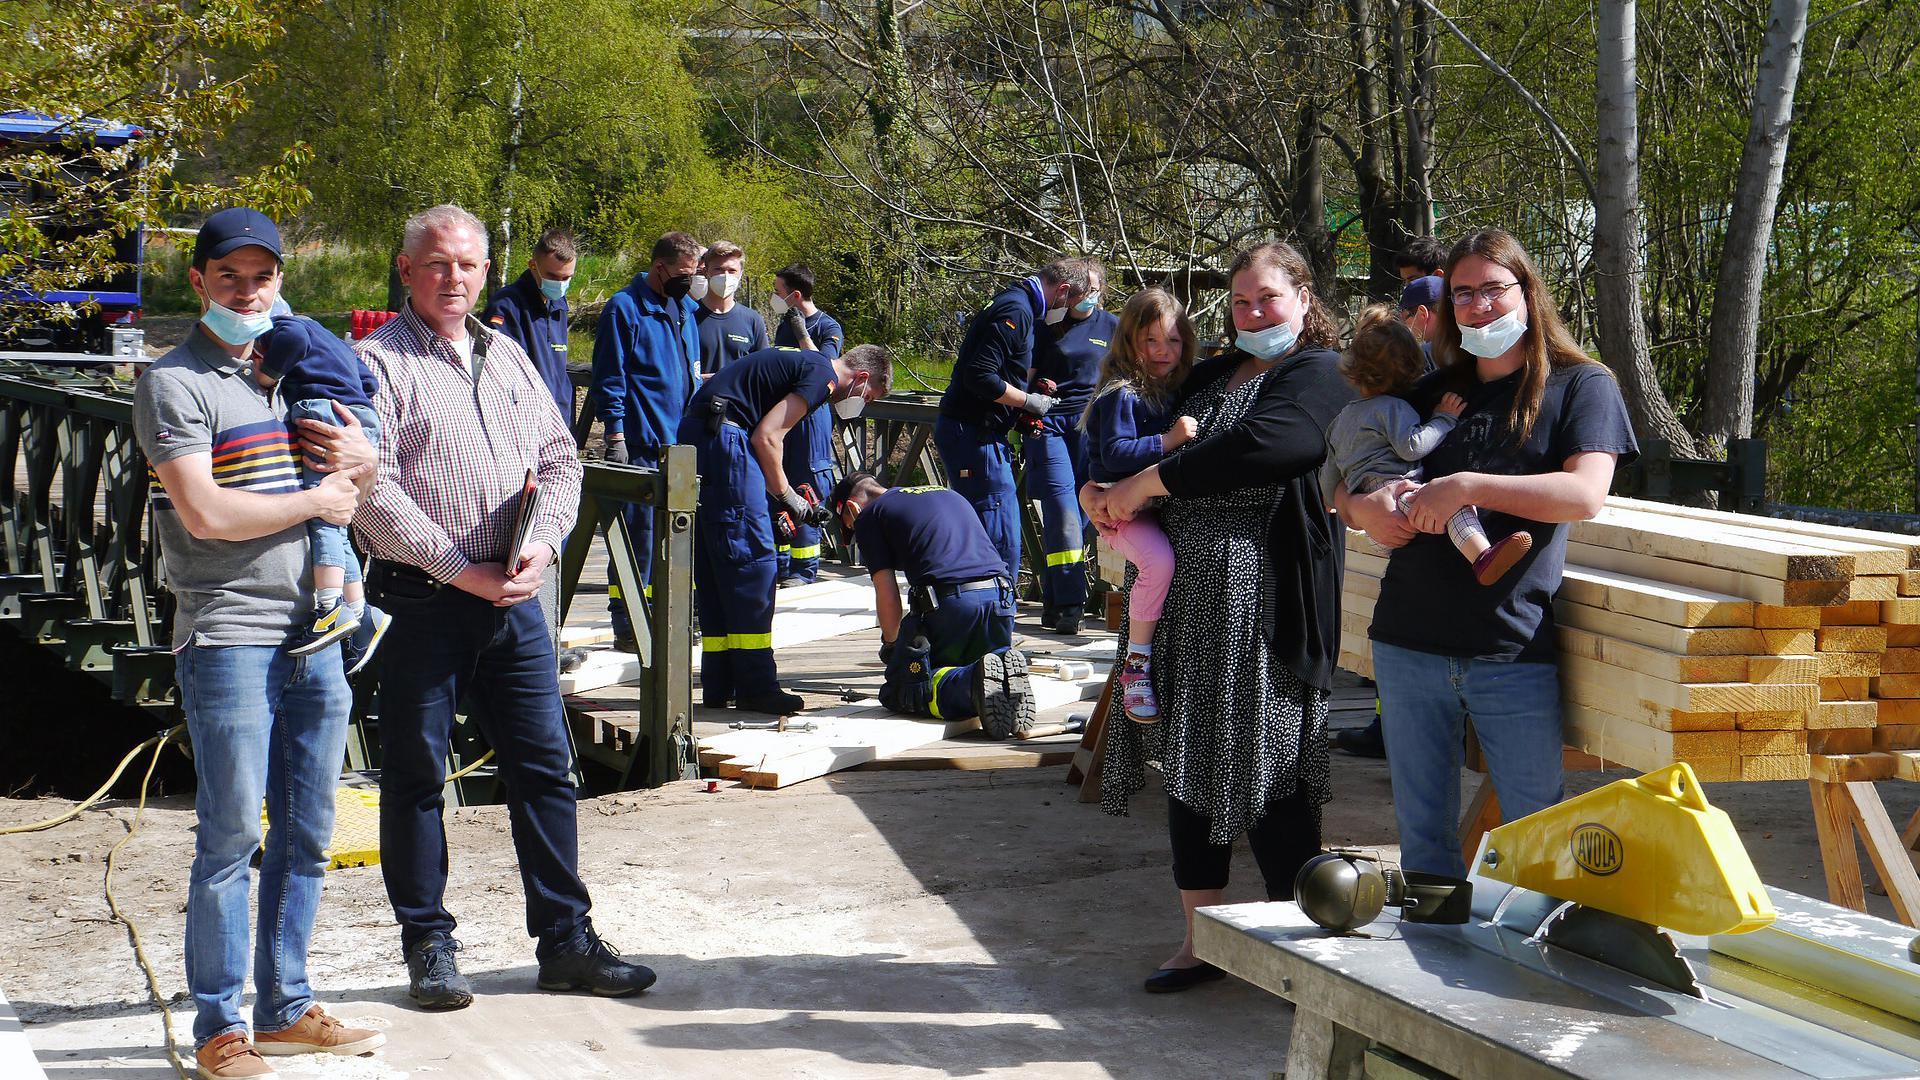 Dennis Brunner, Manfred Gasafi, Eva-Maria und Steven Mahncke wurden vom Brückenbau in Unteröwisheim unangenehm überrascht.